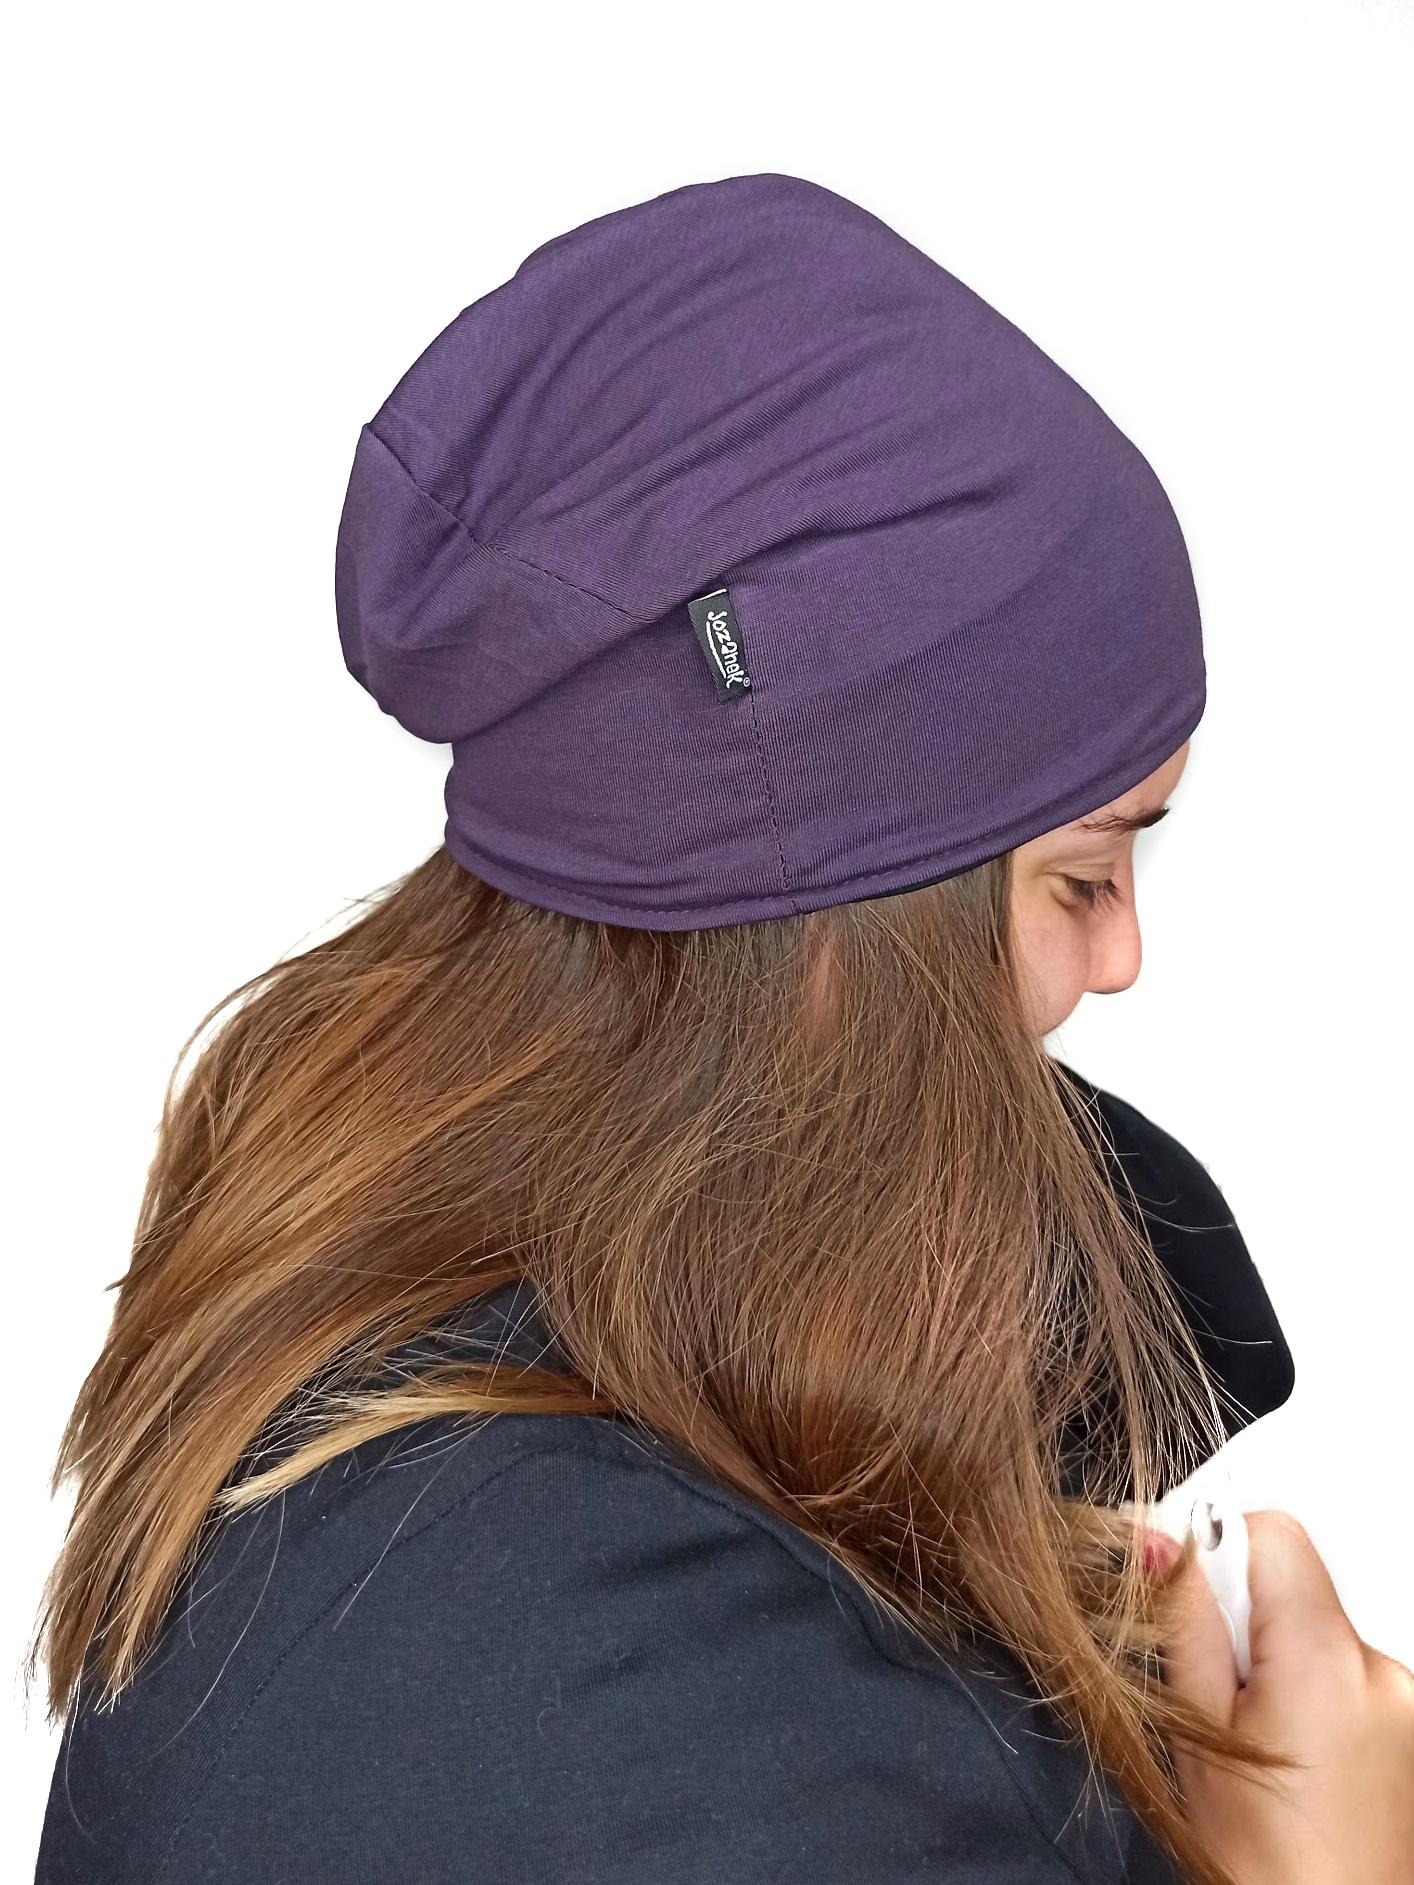 Dětská čepice bavlněná, obuoustranná, černá+švestkově fialová, m